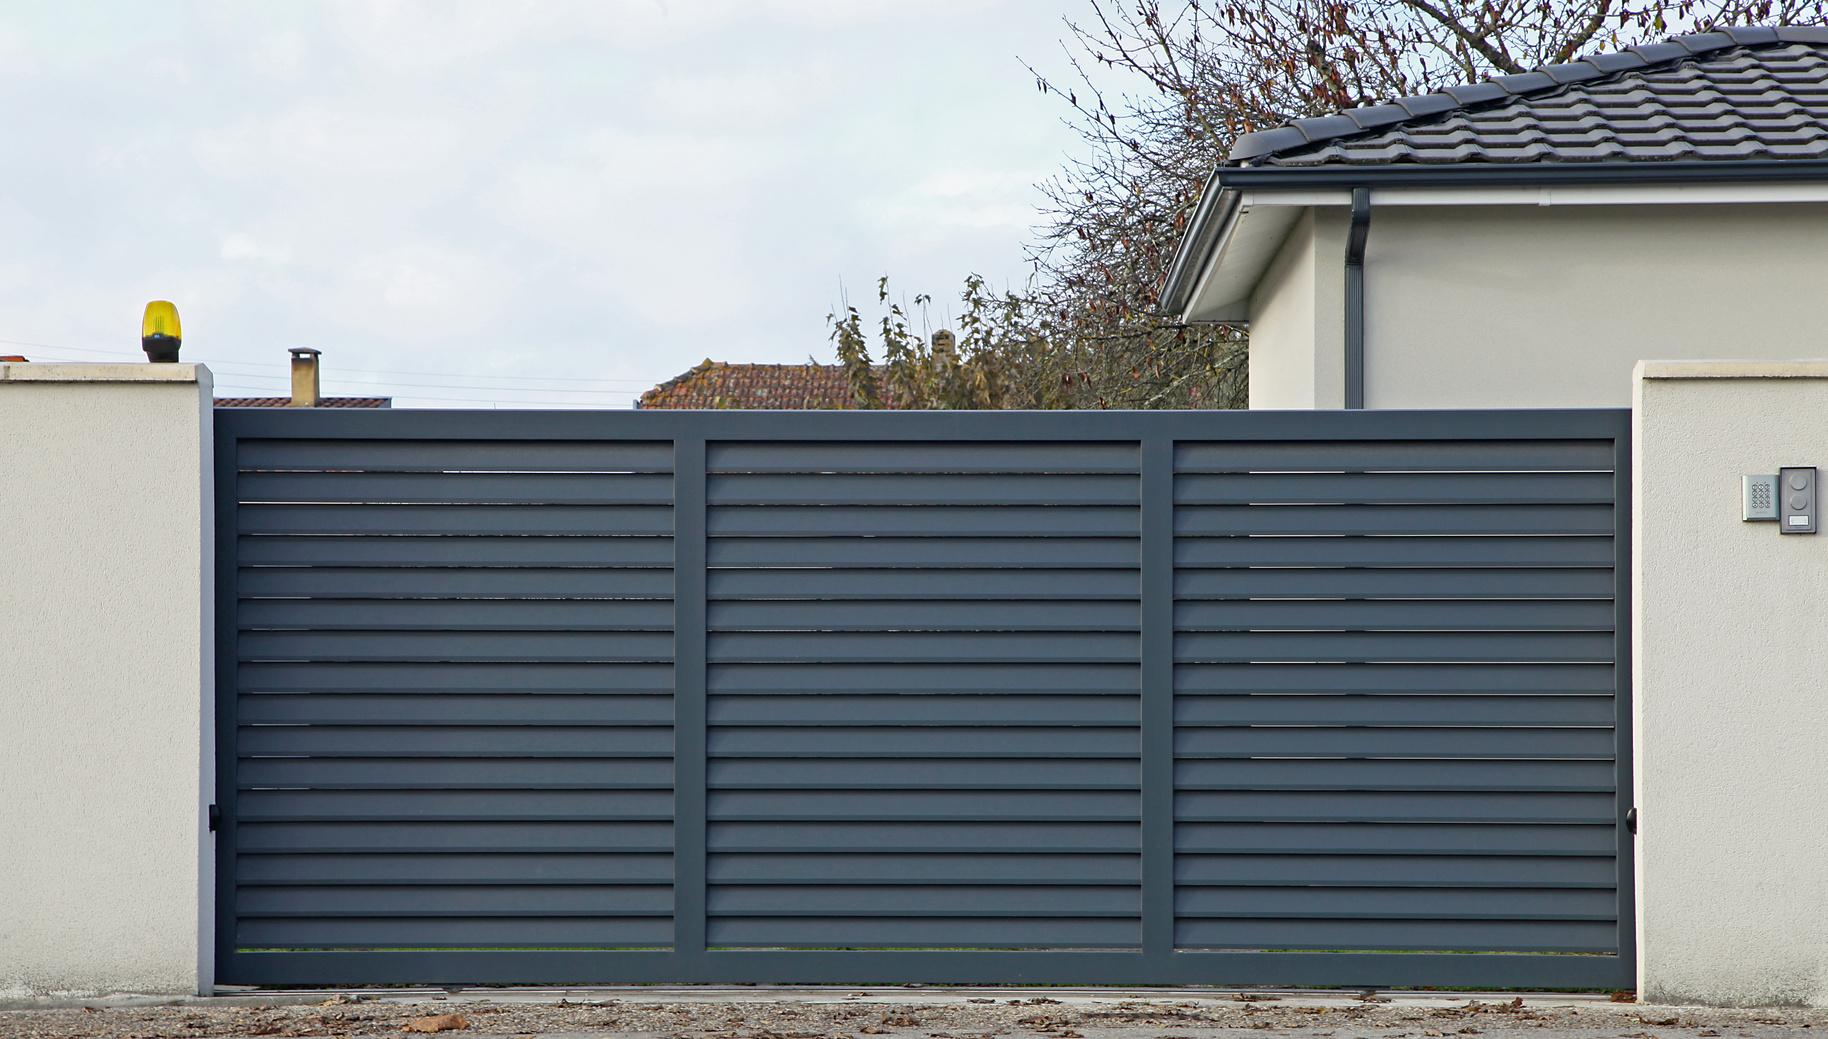 Comment blinder une porte excellent quelles sont les diffrences entre une porte blinde ou un - Insonoriser une porte ...